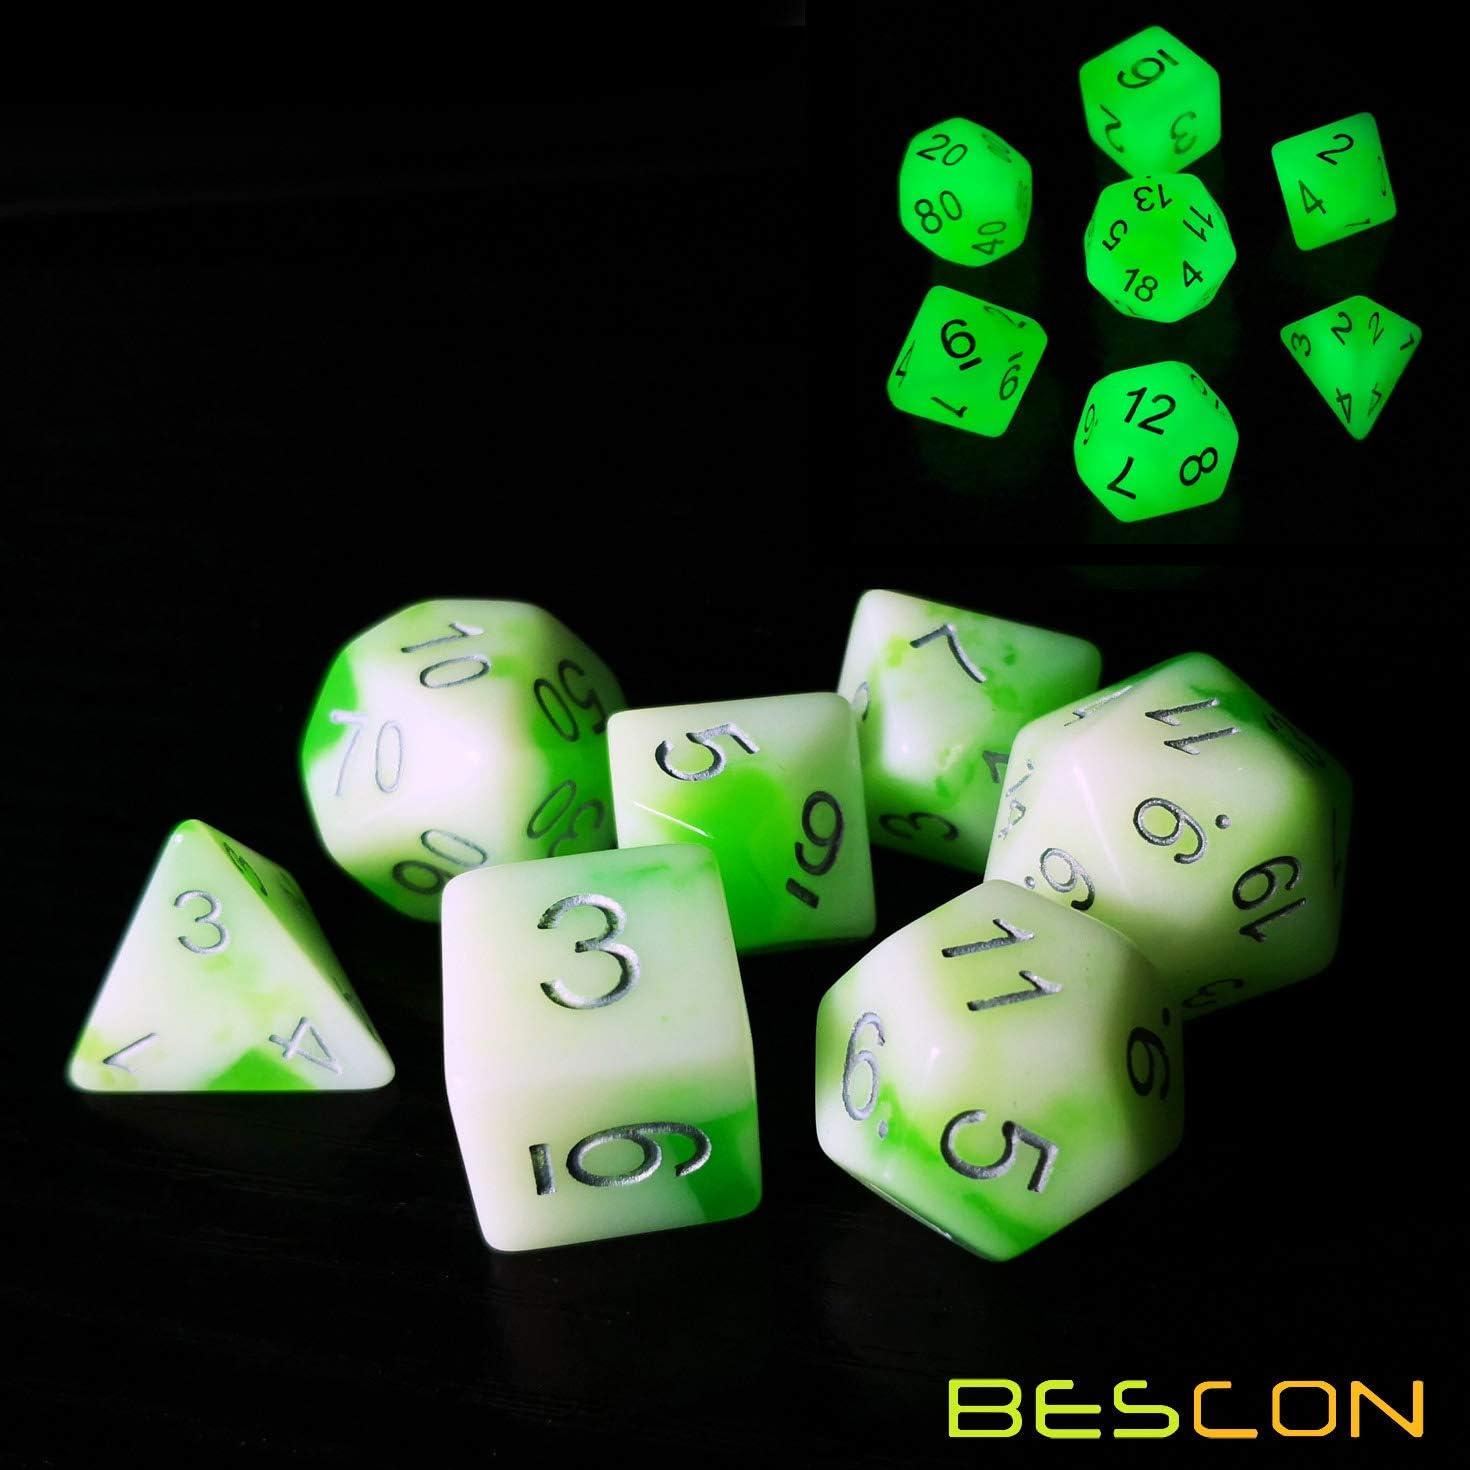 Bescon Glowing Polyedral Rpg Würfel Set Luminous Jade Bescon Glow In Dark Poly Dice Set Of 7 Dnd Rollenspiel Spiel Würfel Amazon De Spielzeug